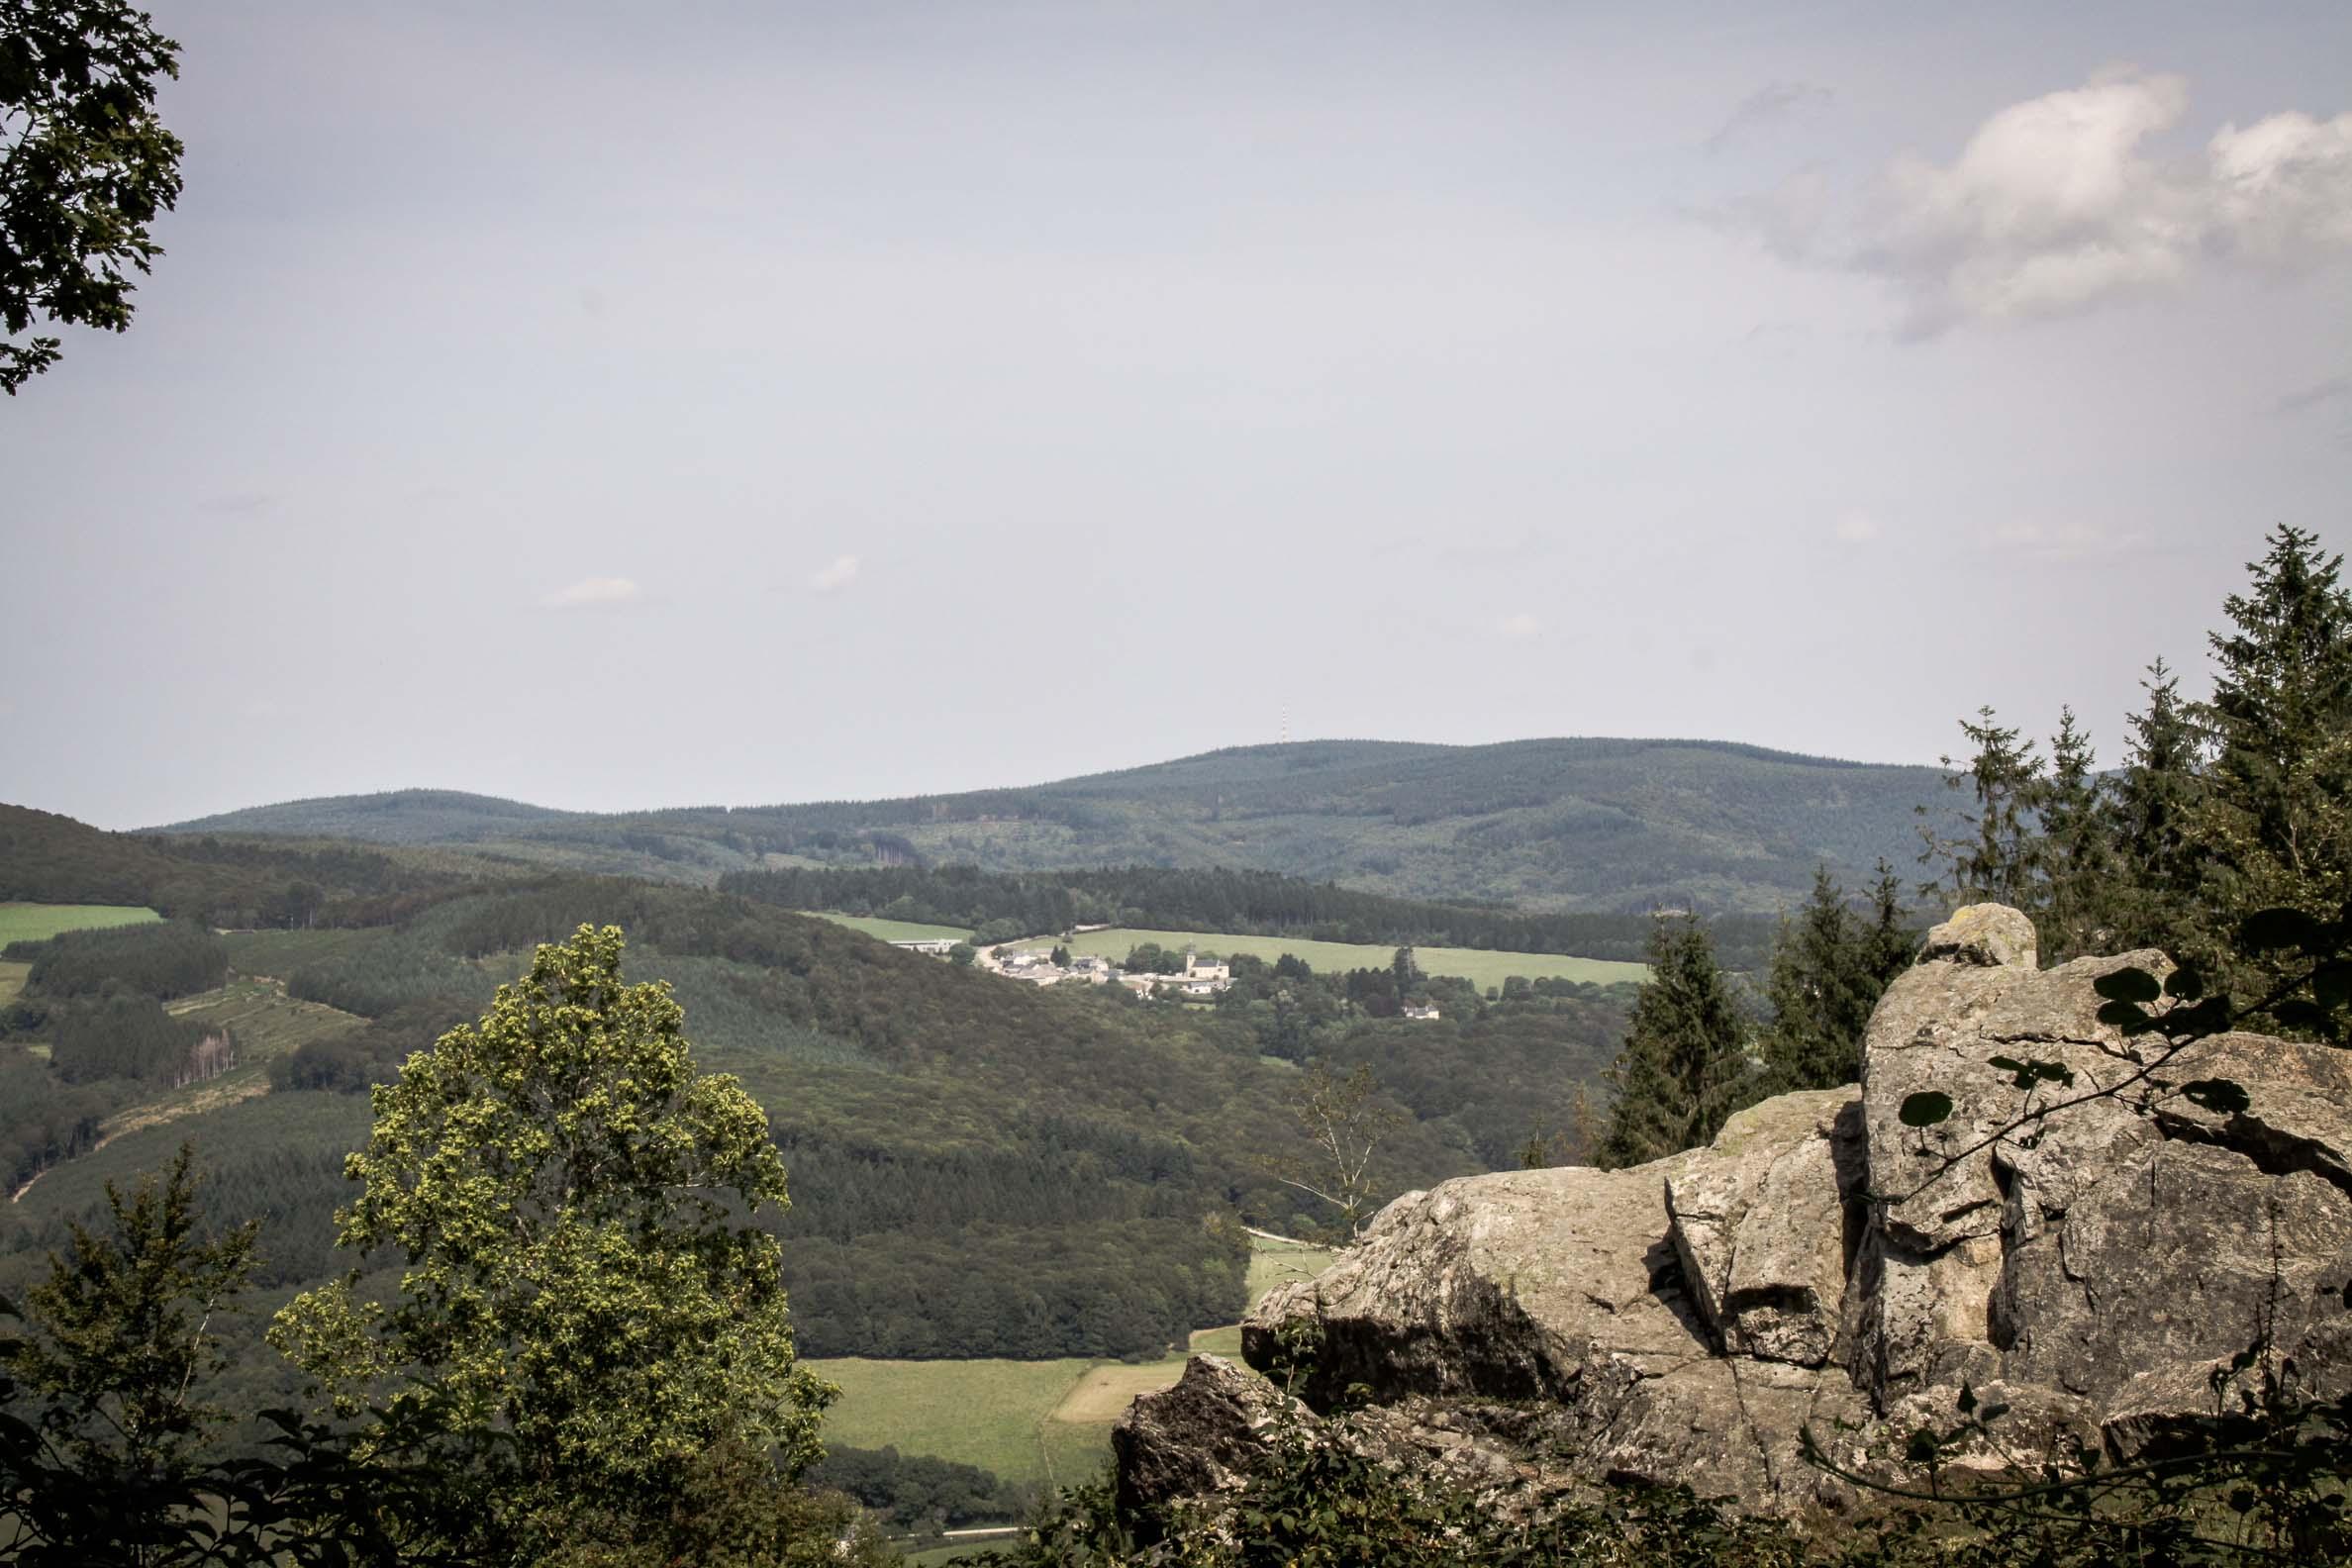 Paysages du Morvan : Vue vers le nord depuis le Mont Beuvray